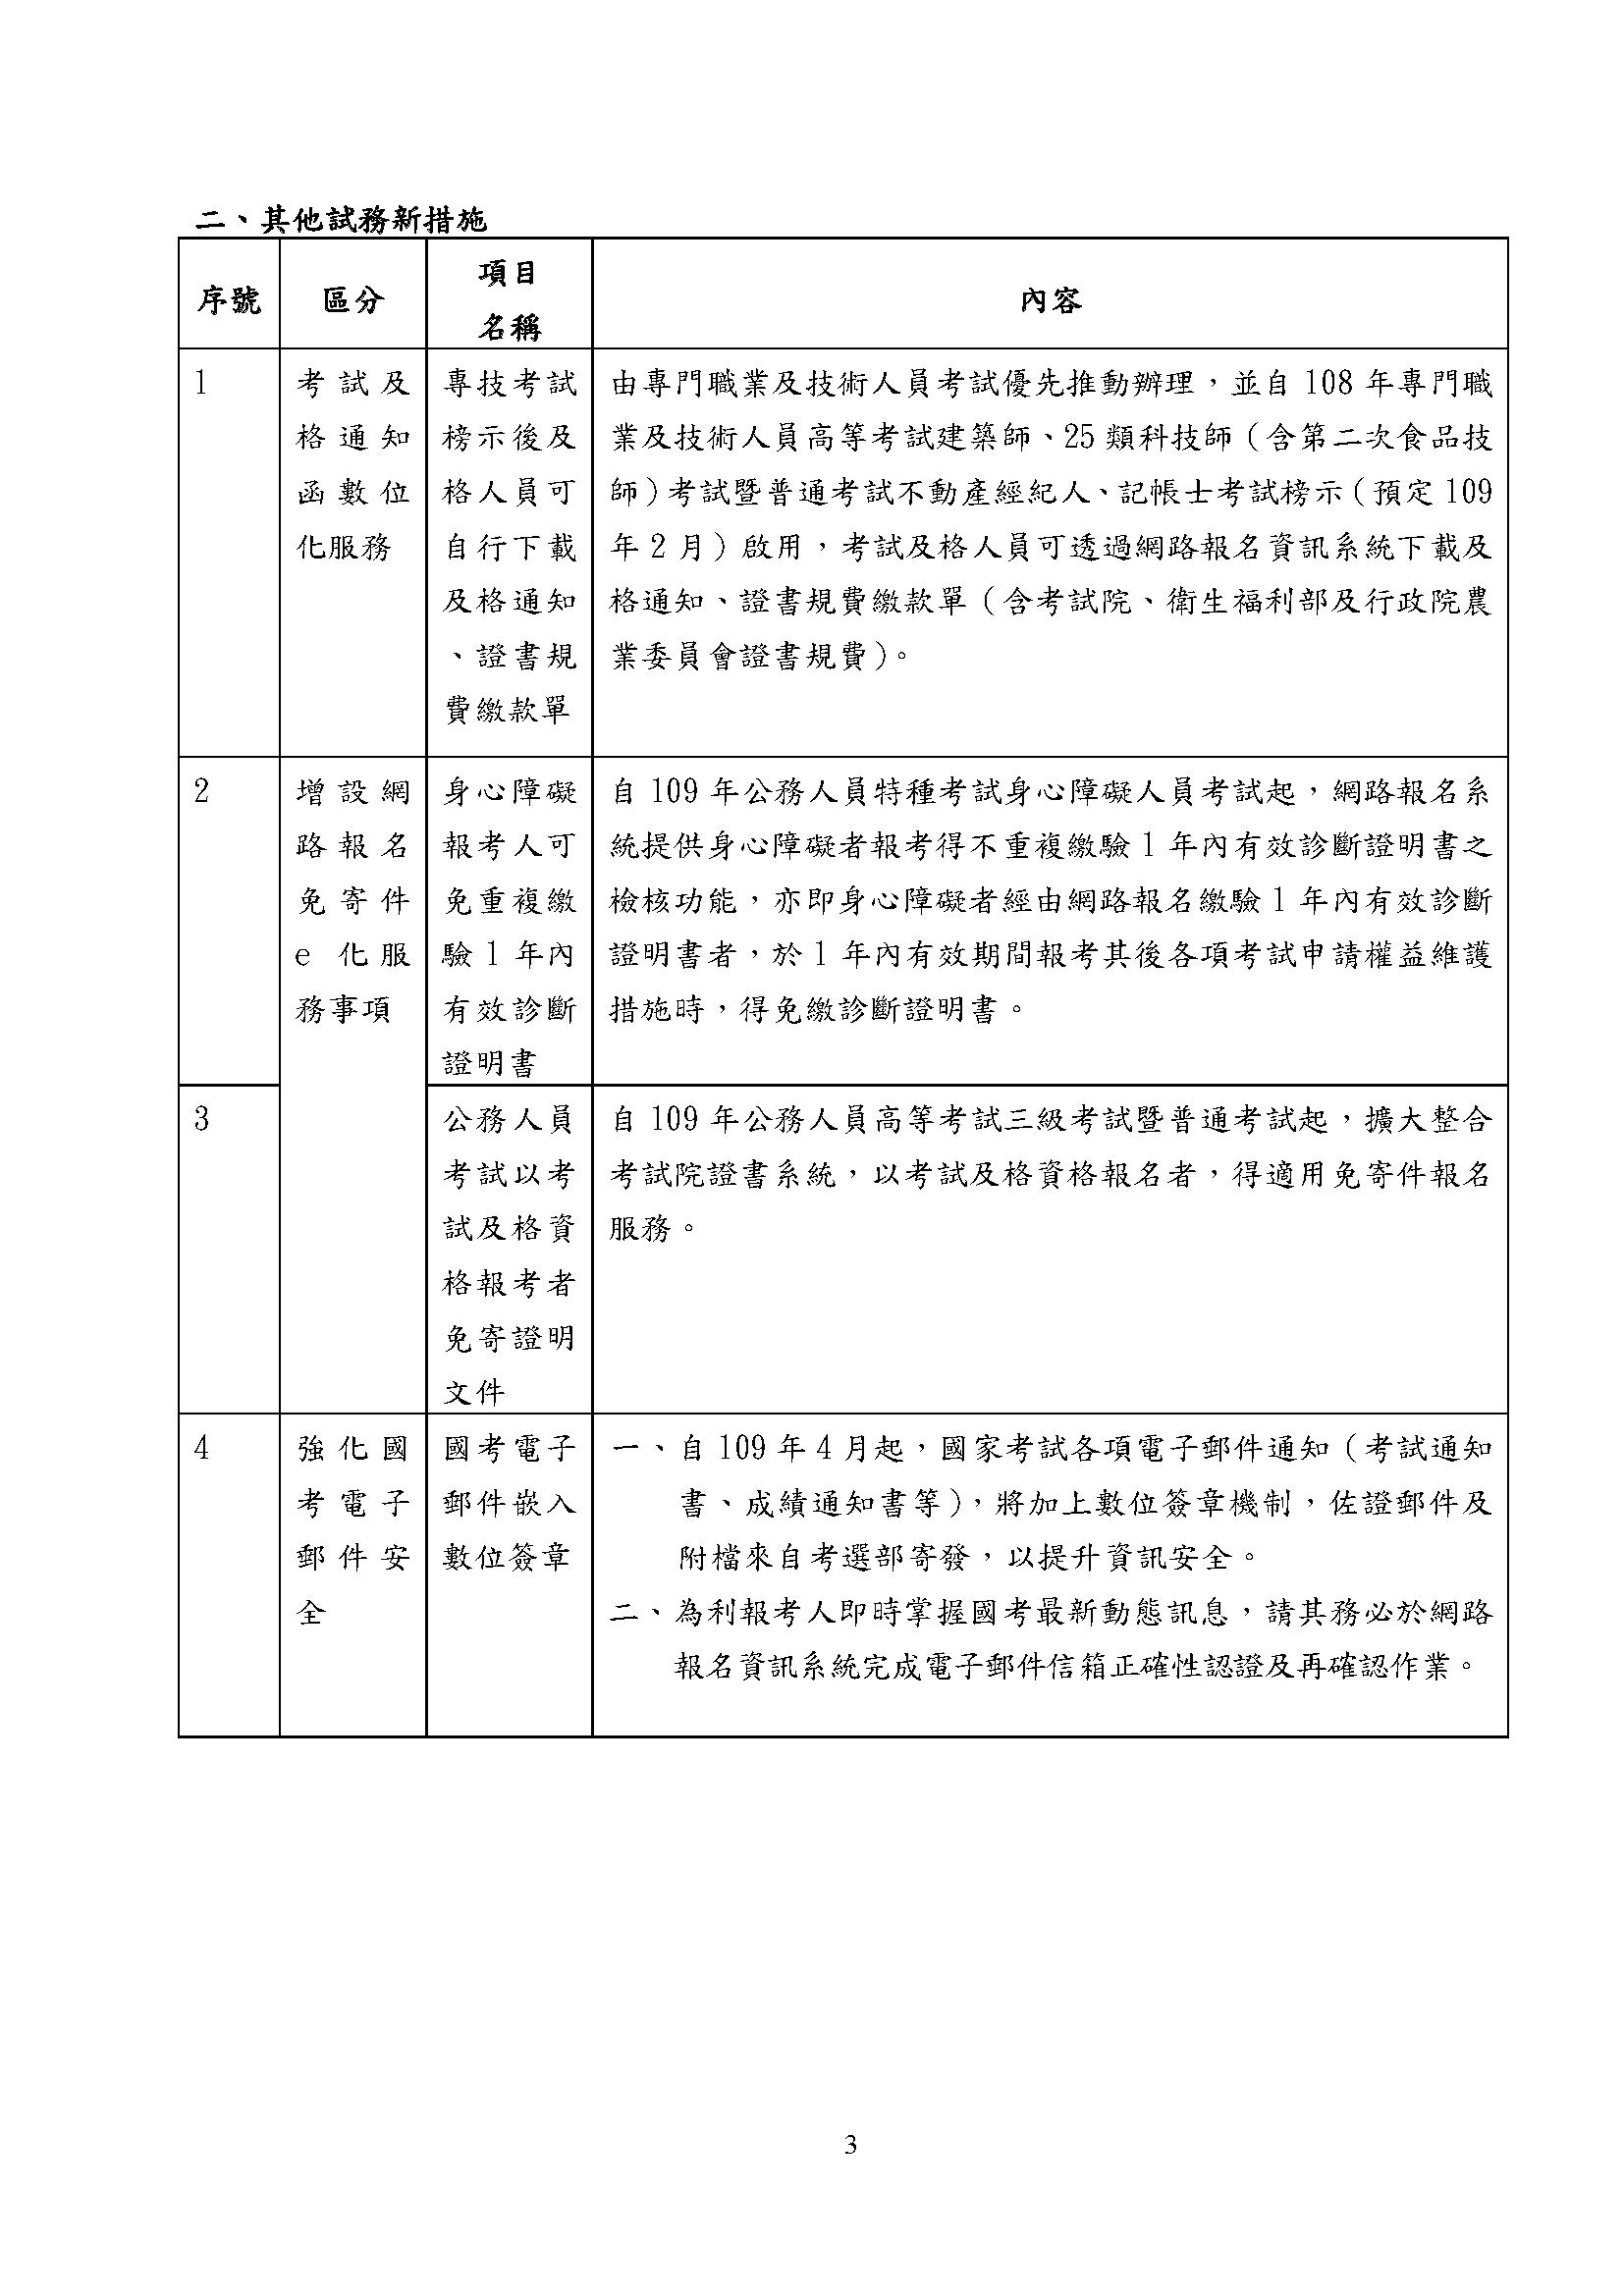 109年實施之考選新措施一覽表-3